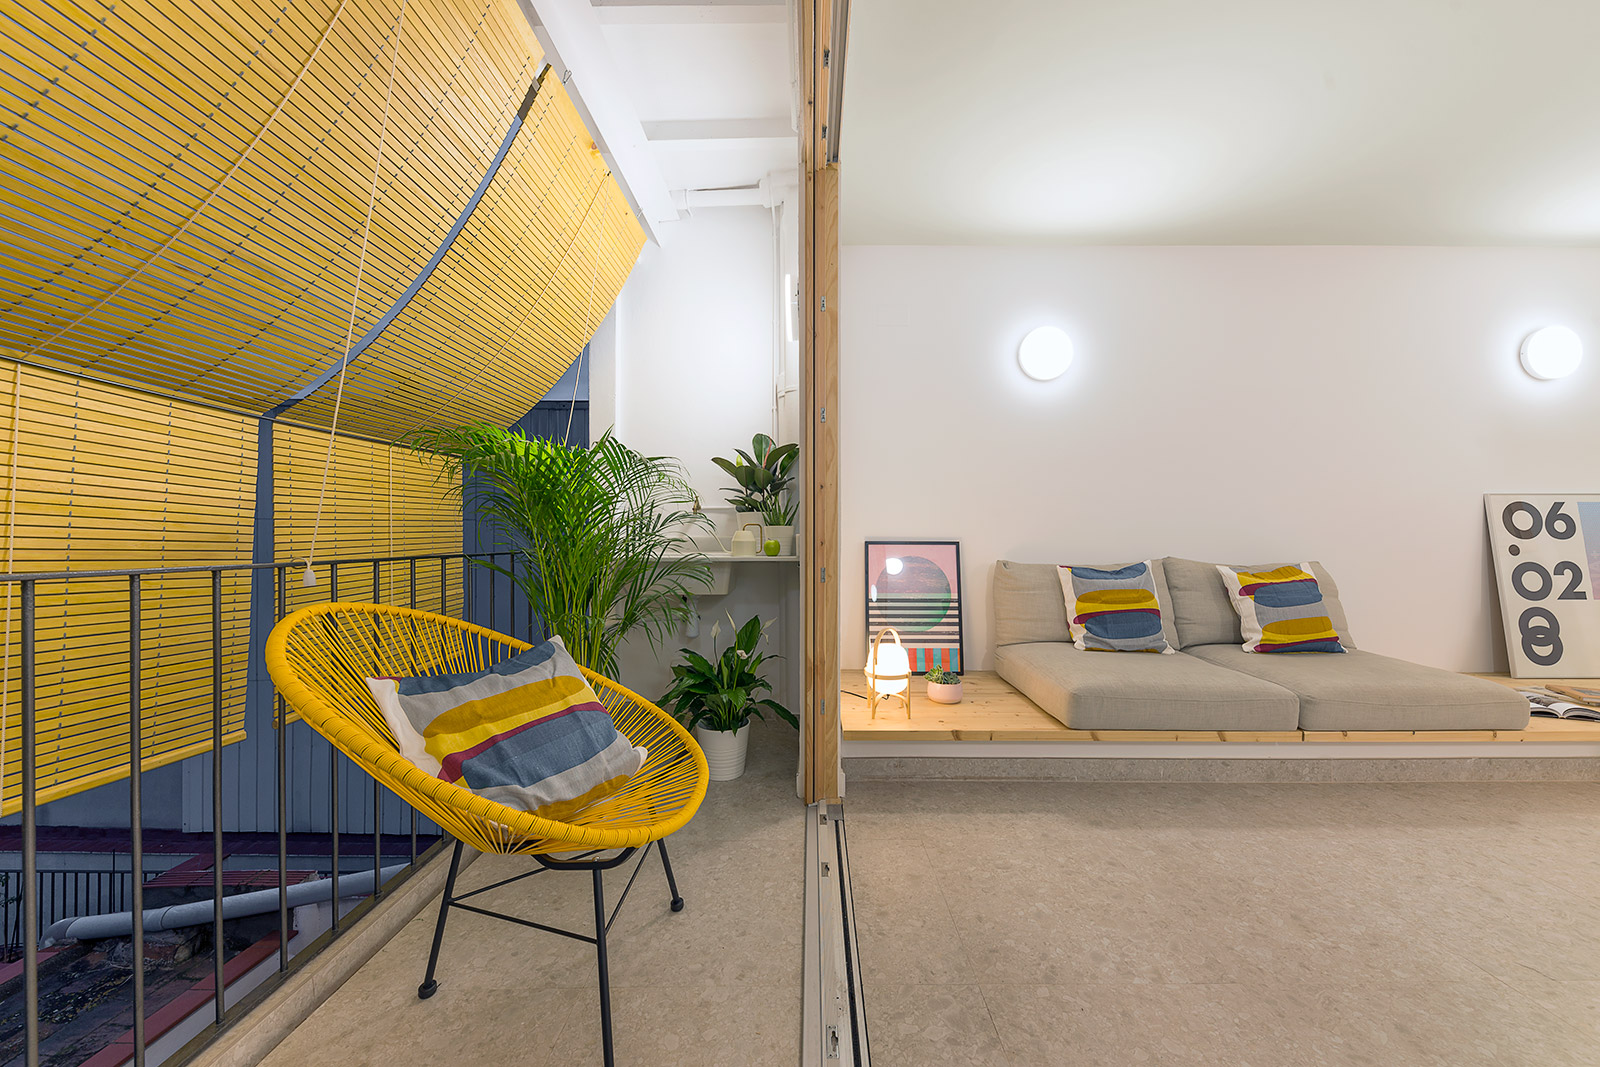 Reforma interior de vivienda en Badalona. Sala i balcó